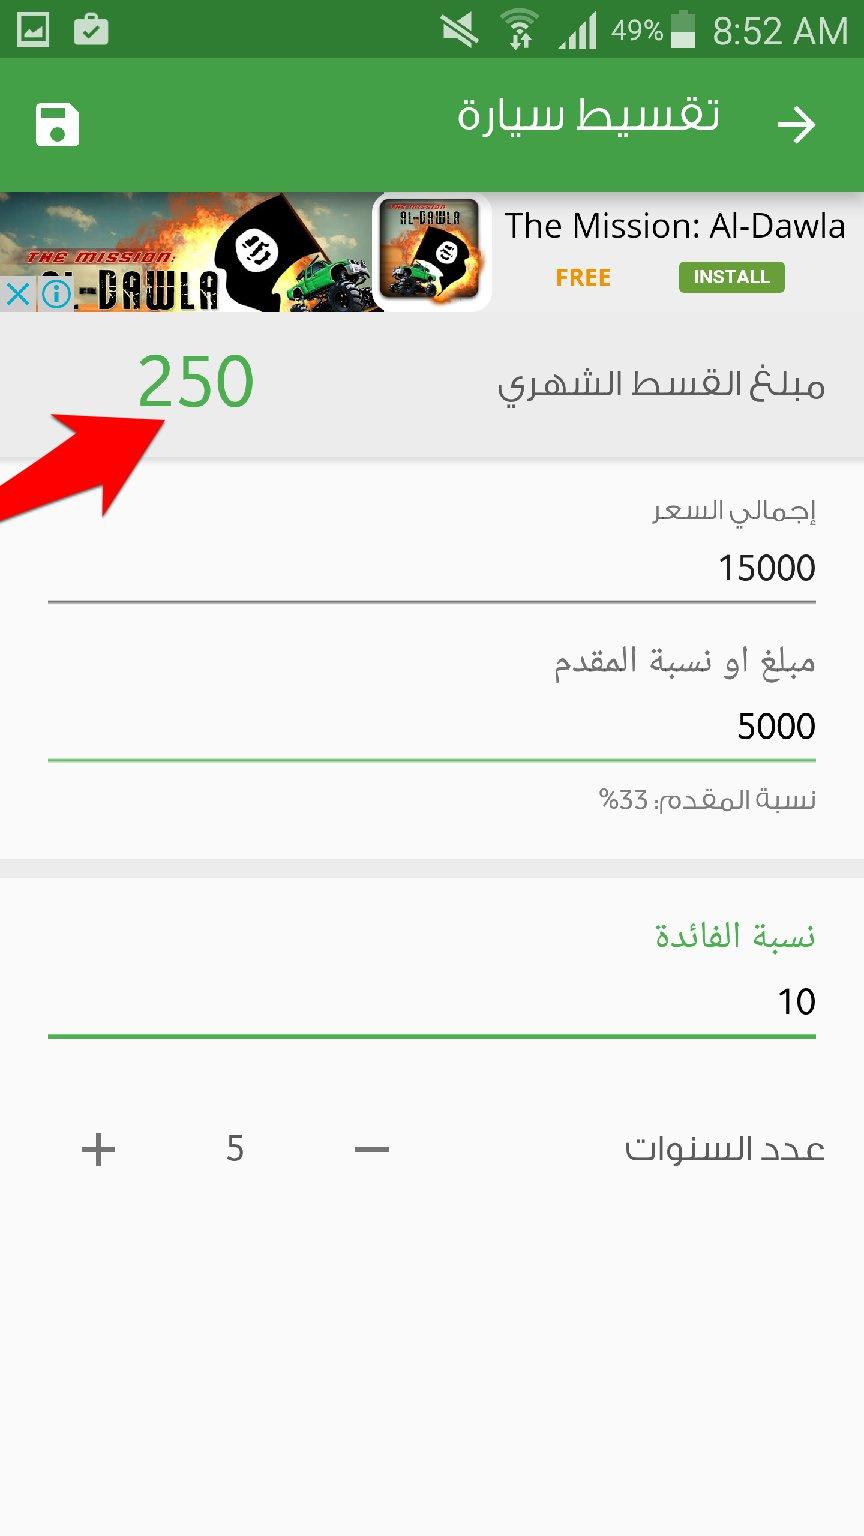 تطبيق Weazi العربي لحساب قيمة القسط الشهري للديون والاقساط البنكية | بحرية درويد